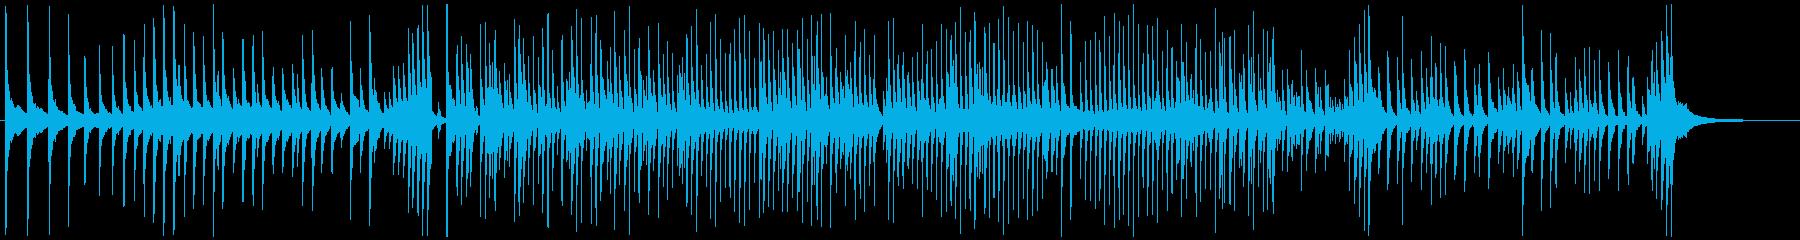 津軽三味線ソロ-H、激しい、疾走、声入りの再生済みの波形